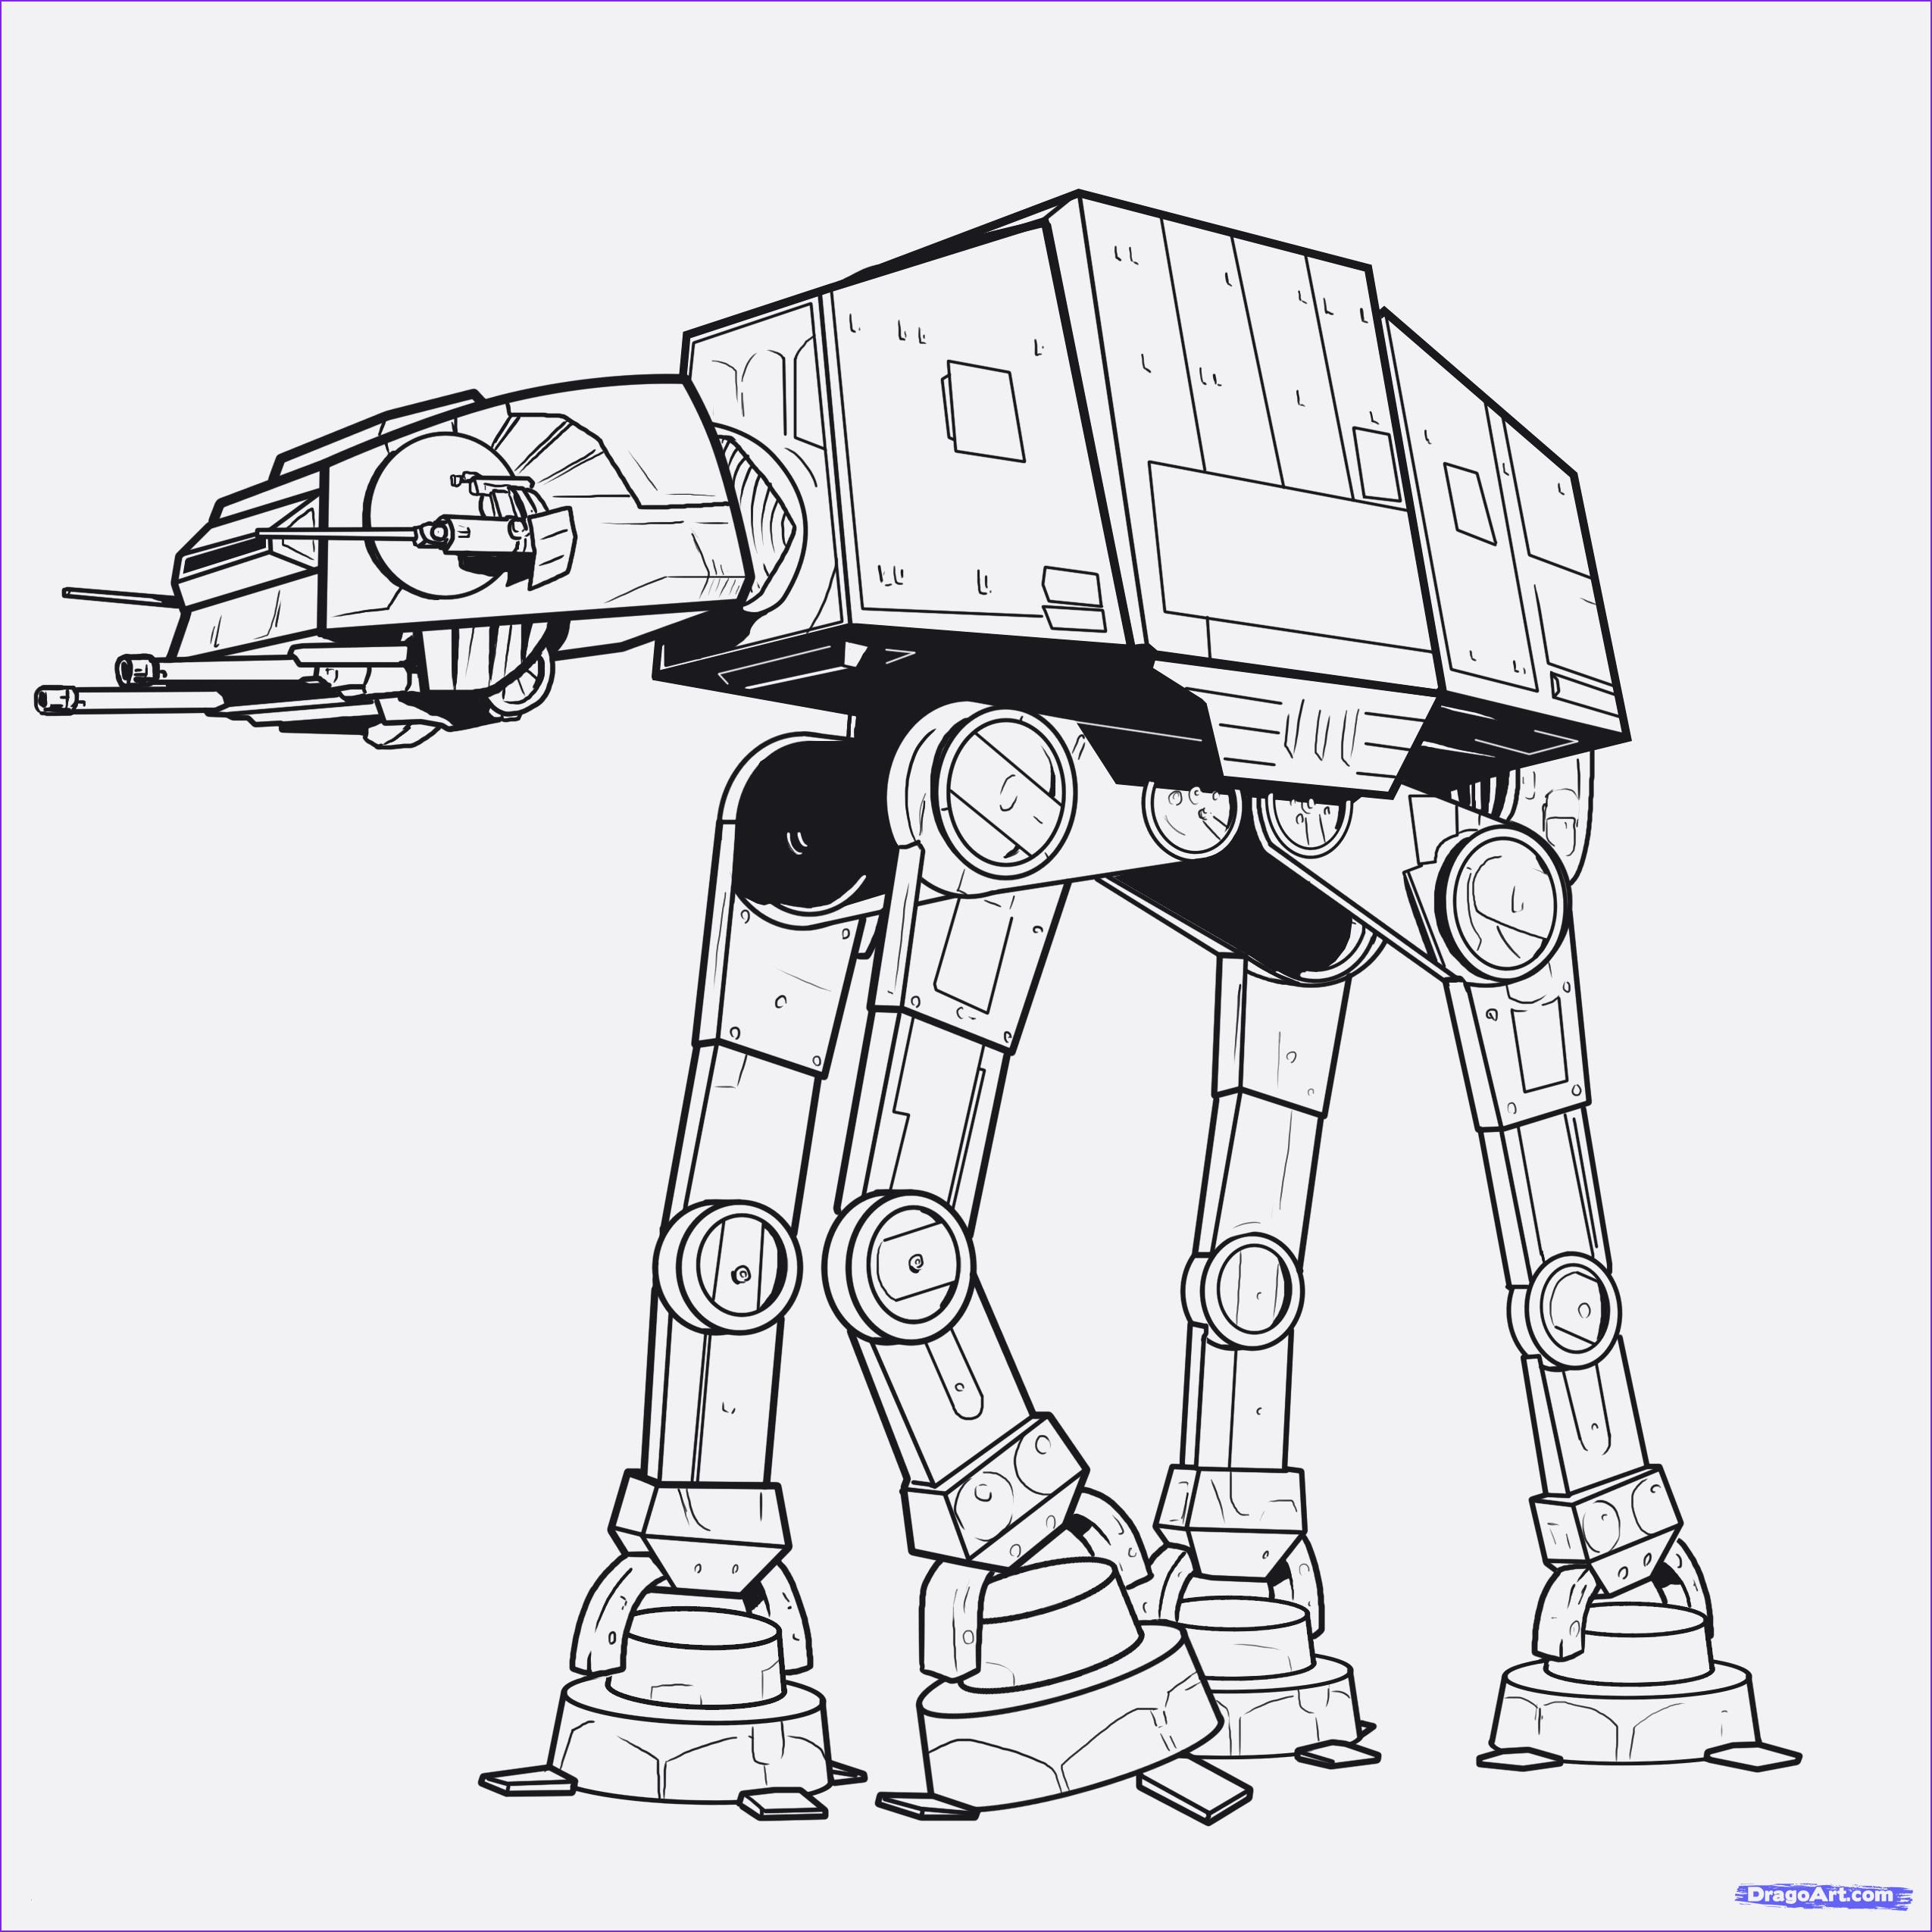 Lego Star Wars Ausmalbilder Frisch Lego Starwars Ausmalbilder Uploadertalk Inspirierend Ausmalbilder Sammlung